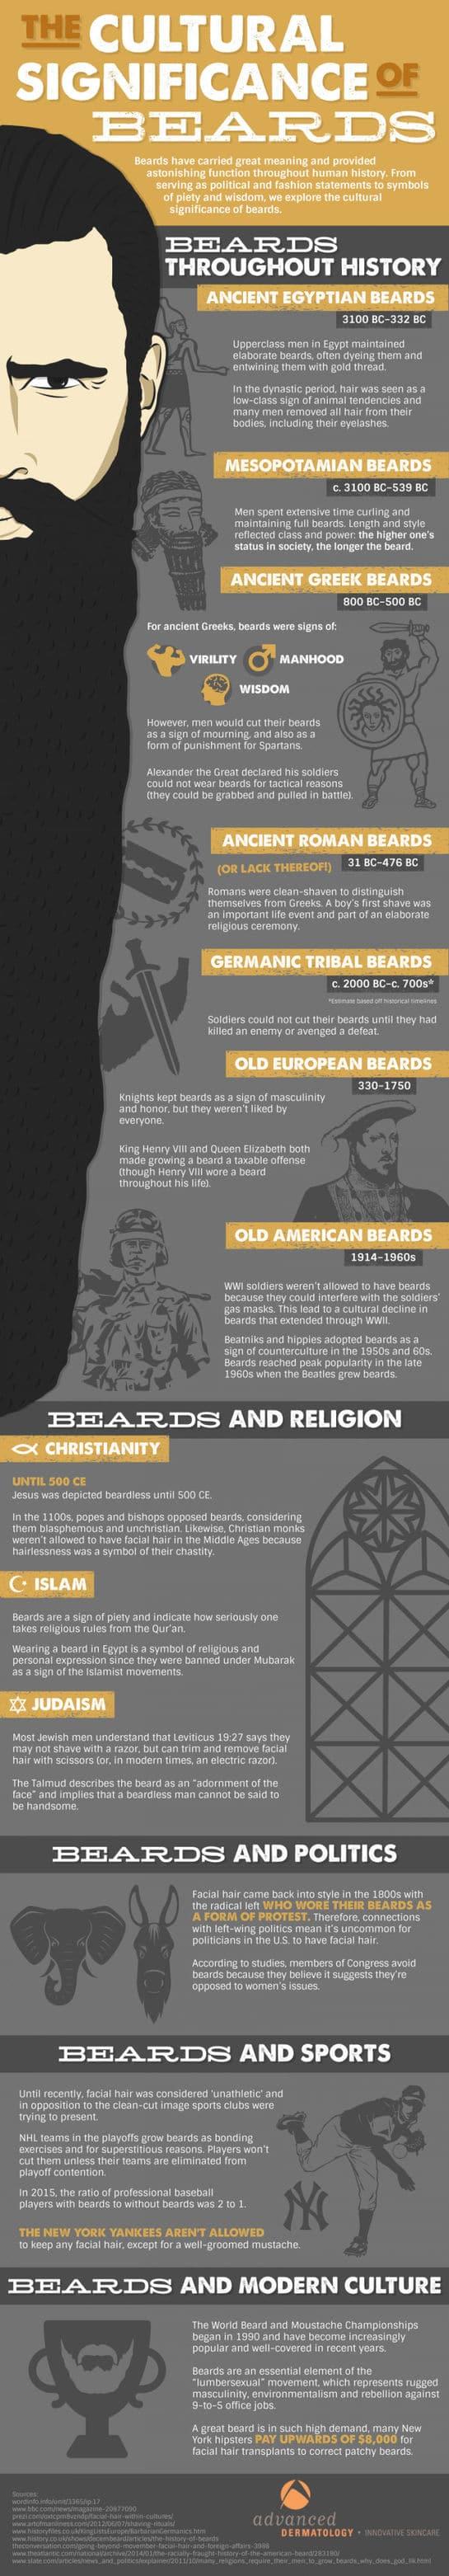 histoire-barbe-info